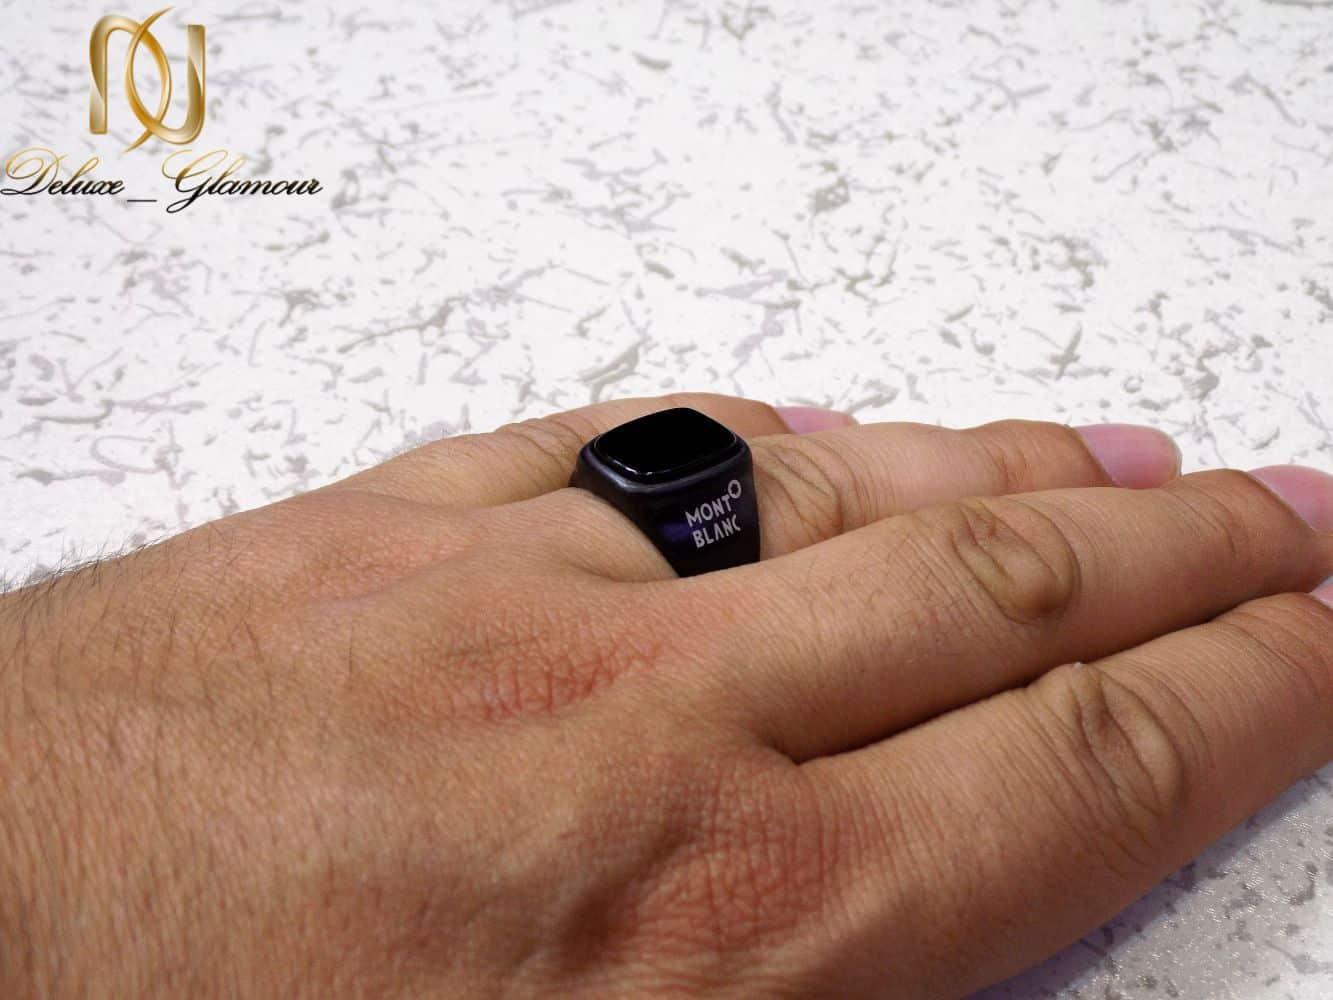 انگشتر مردانه استیل مشکی طرح مونت بلانک با نگین برجسته RG-N178 از نمای روی دست